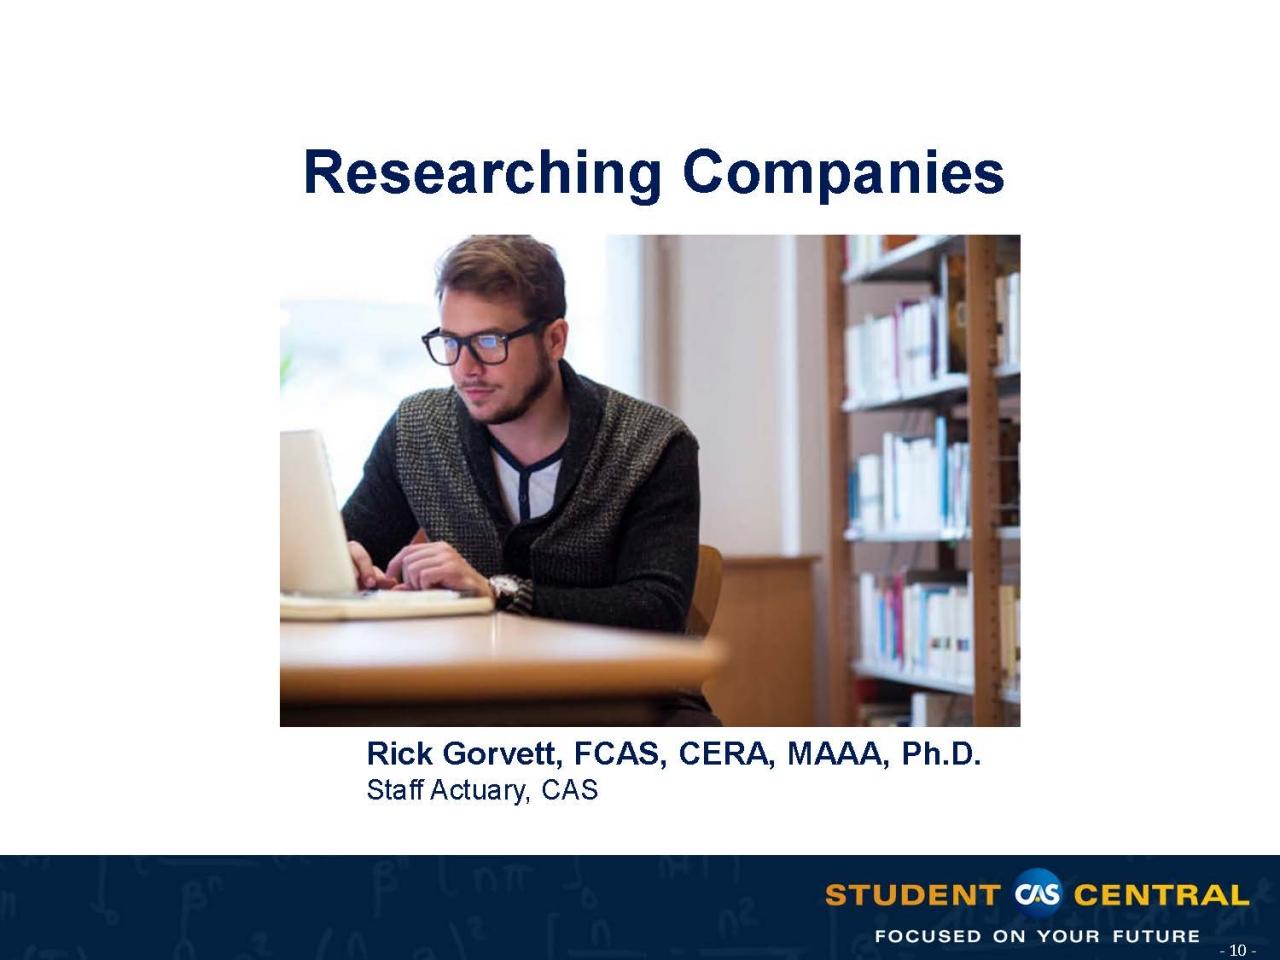 CAS Student Central Webinar Slides - 4 26 17 - Final Slides_Page_10.jpg